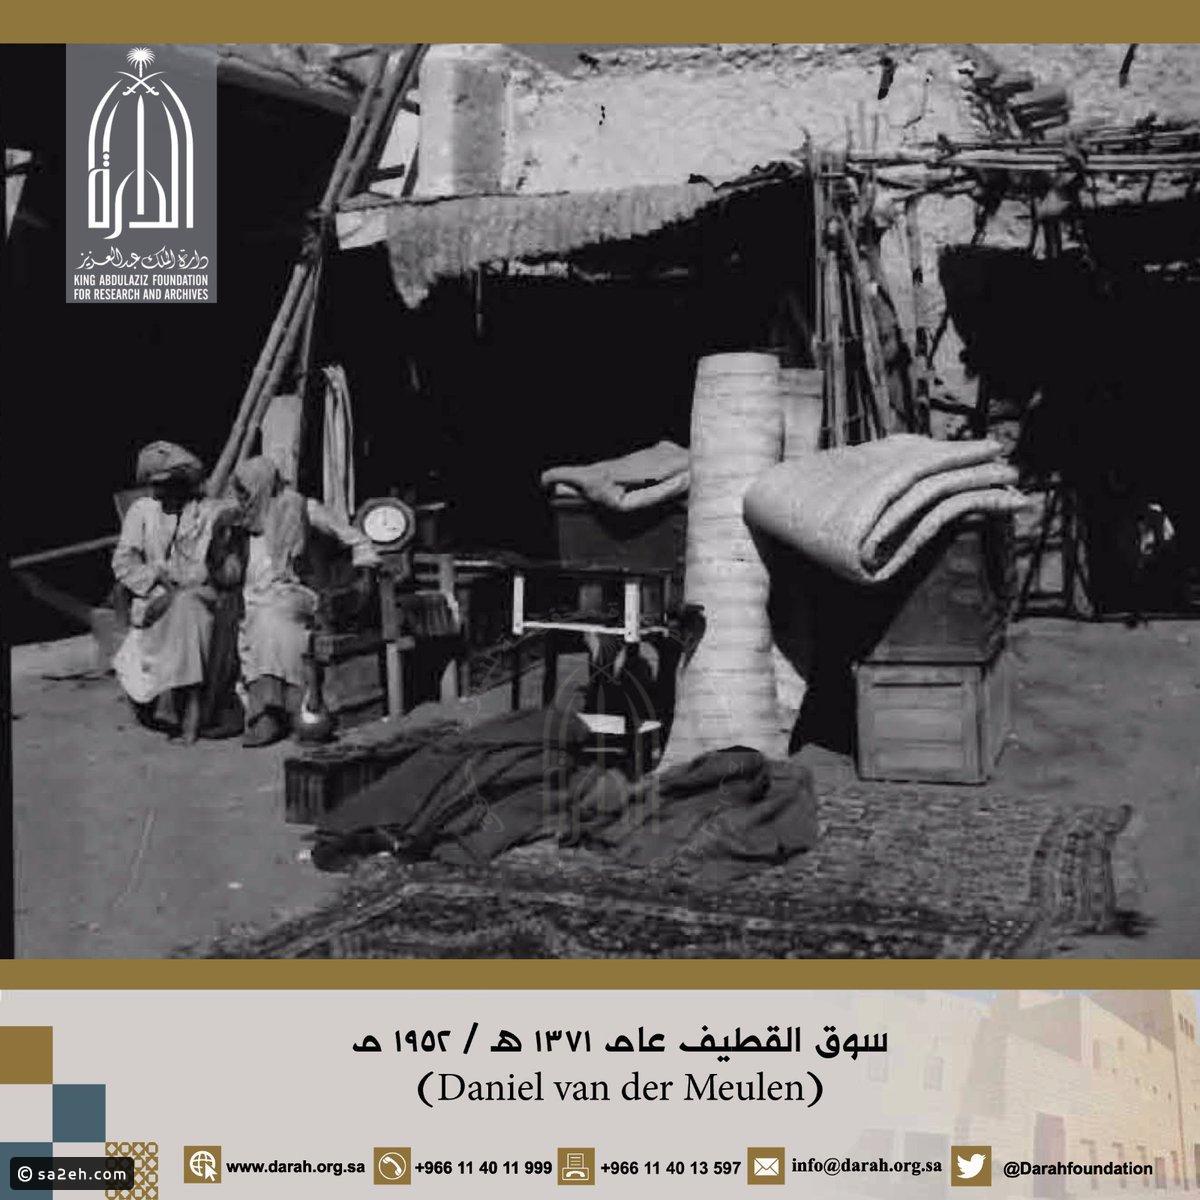 awww.alqiyady.com_site_images_sites_default_files_alqiyady_pro6077a9f780f211b5143fc96922571adb.